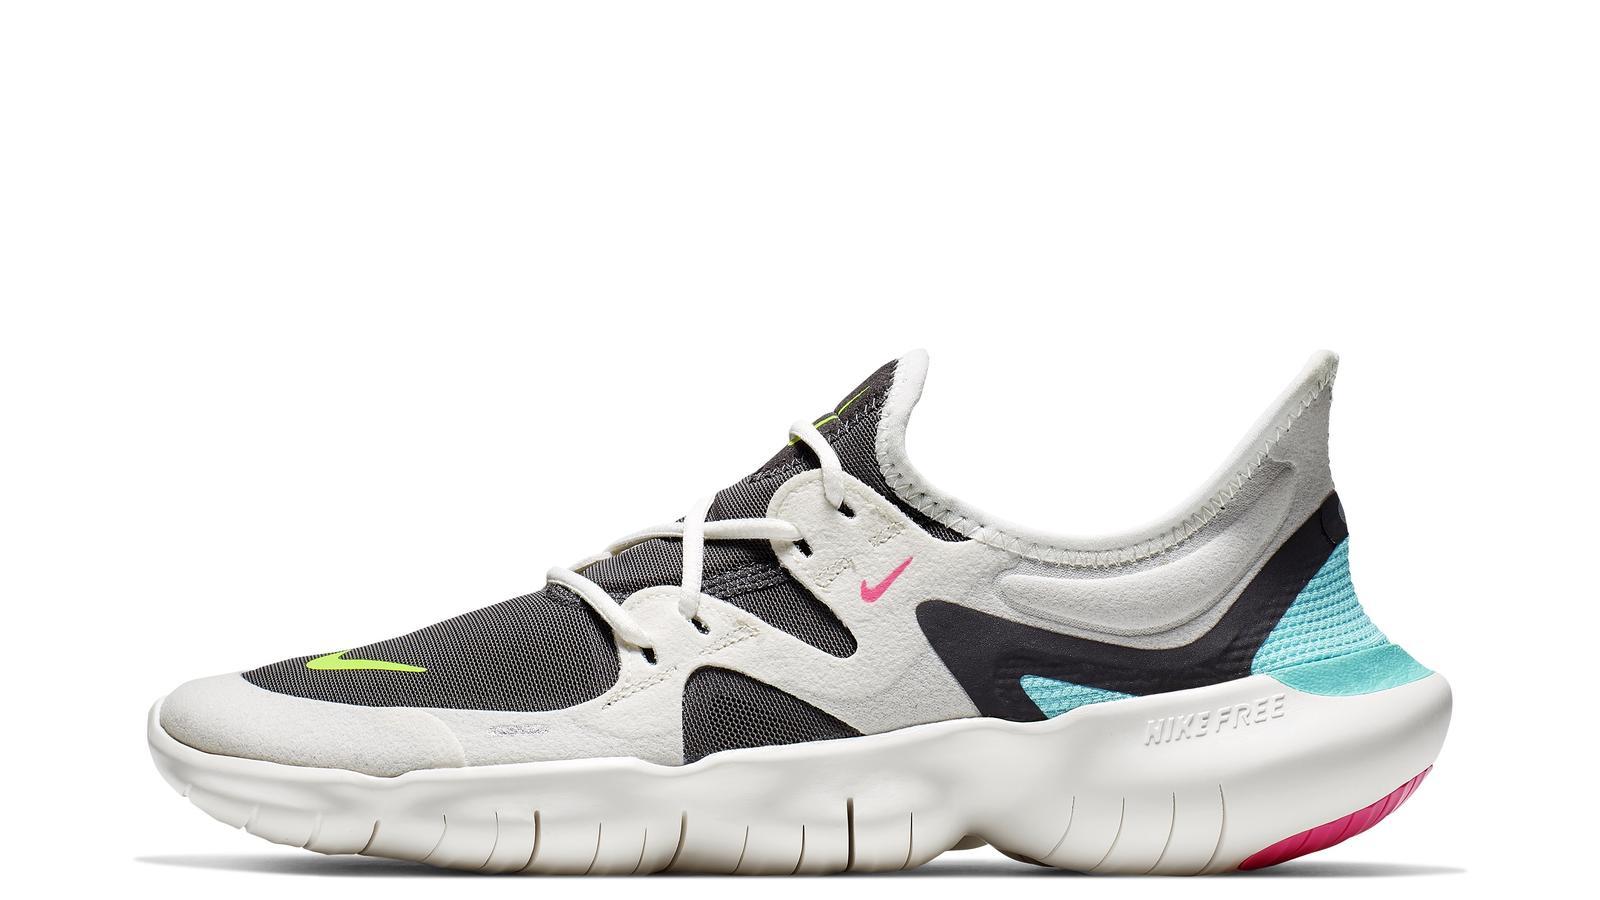 Novos modelos Nike Free chegam ao mercado brasileiro